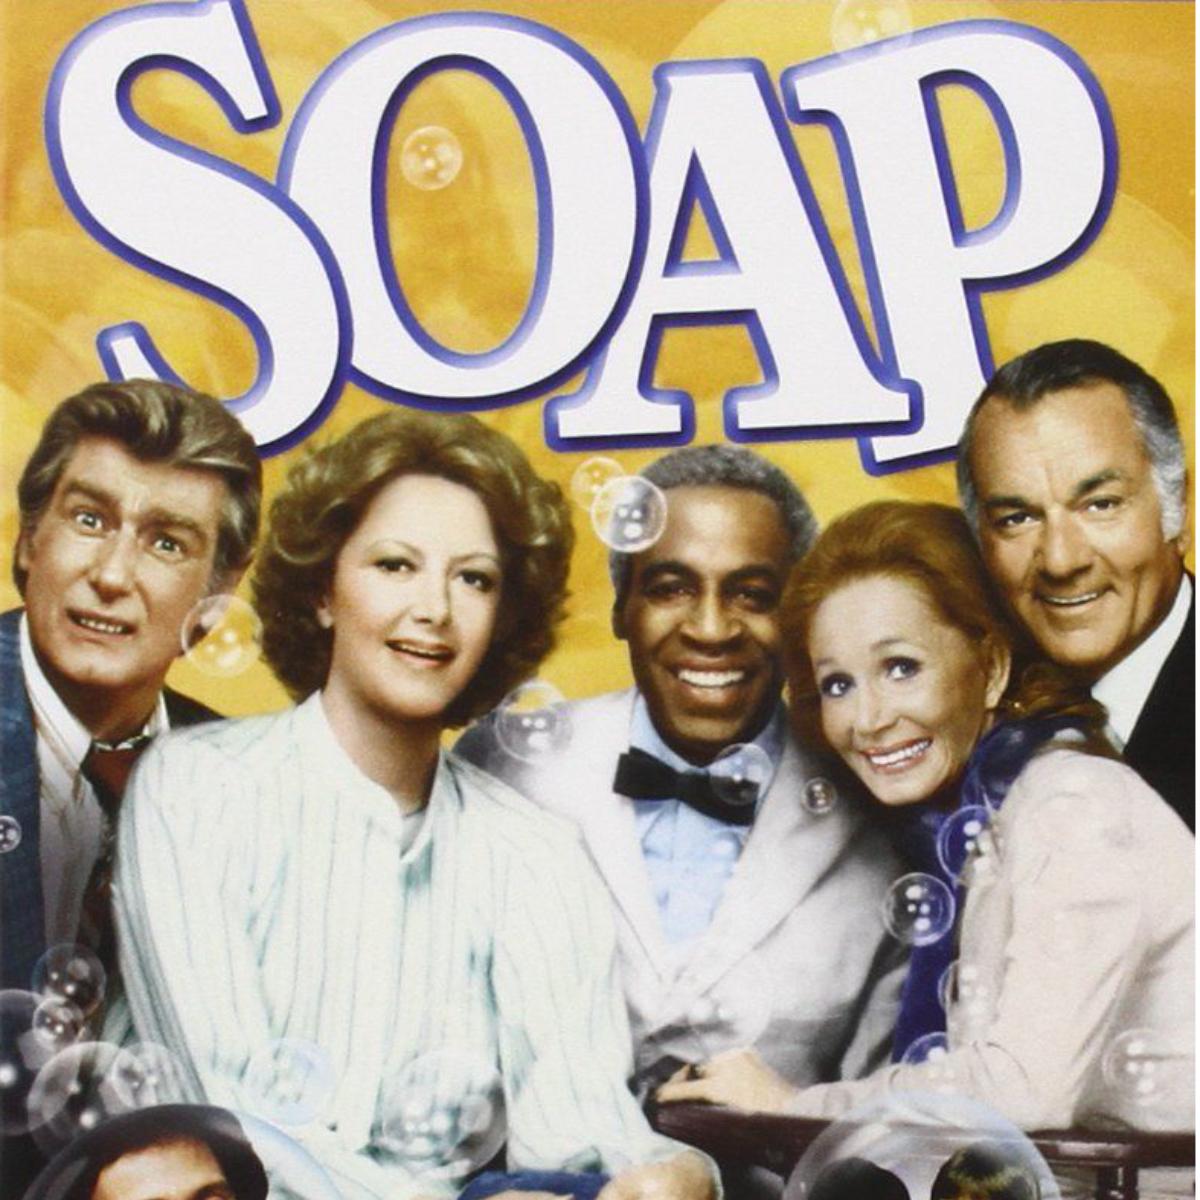 ISTYA Soap TV show